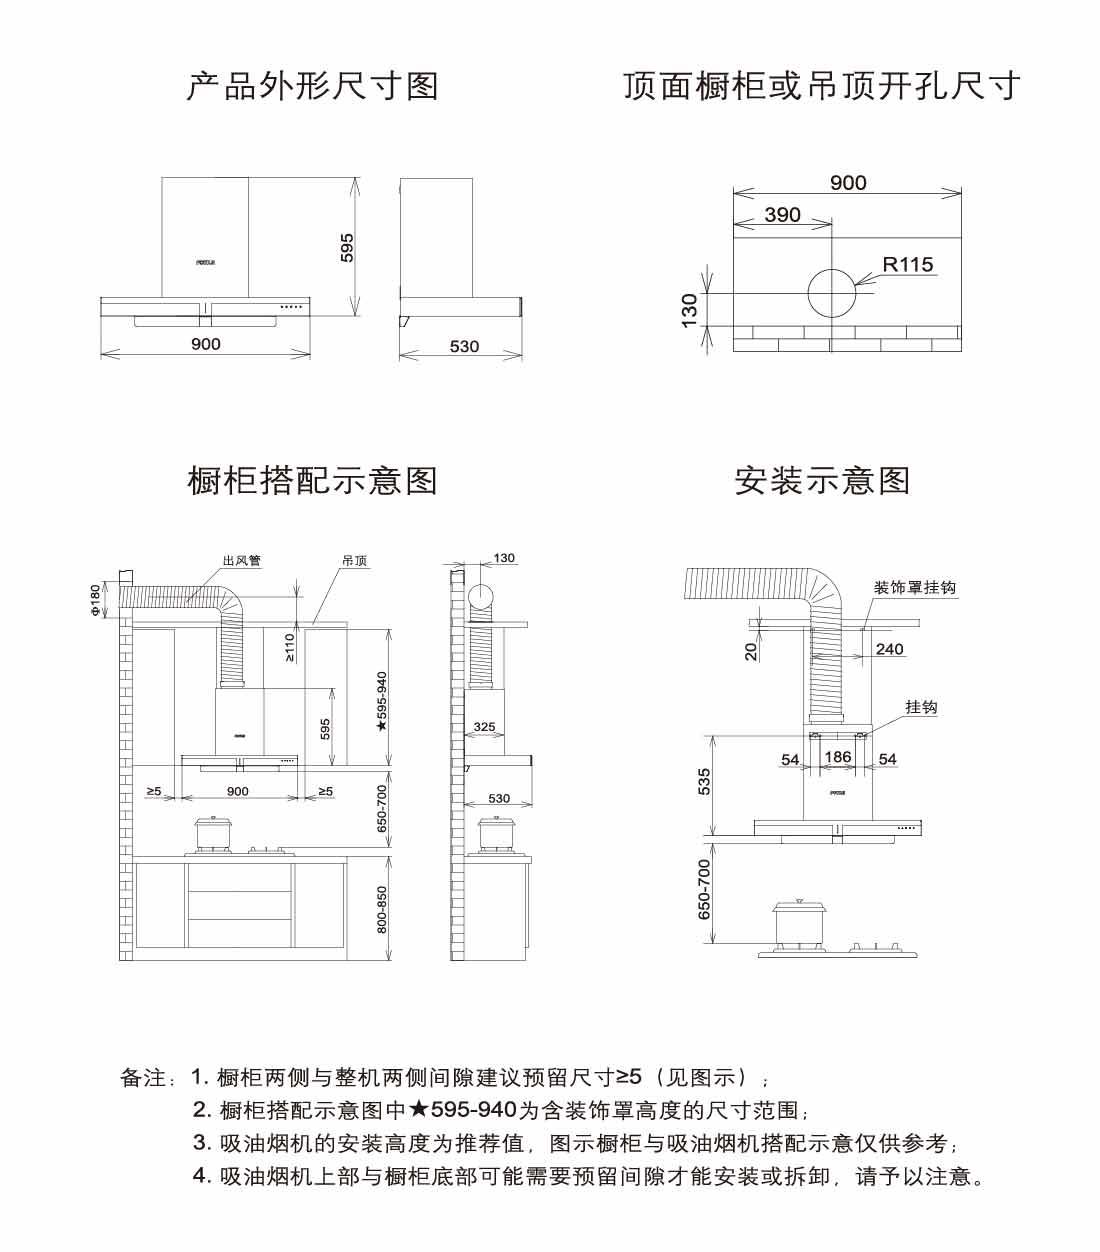 彩28彩票CXW-200-EM23TS.D装置表示图